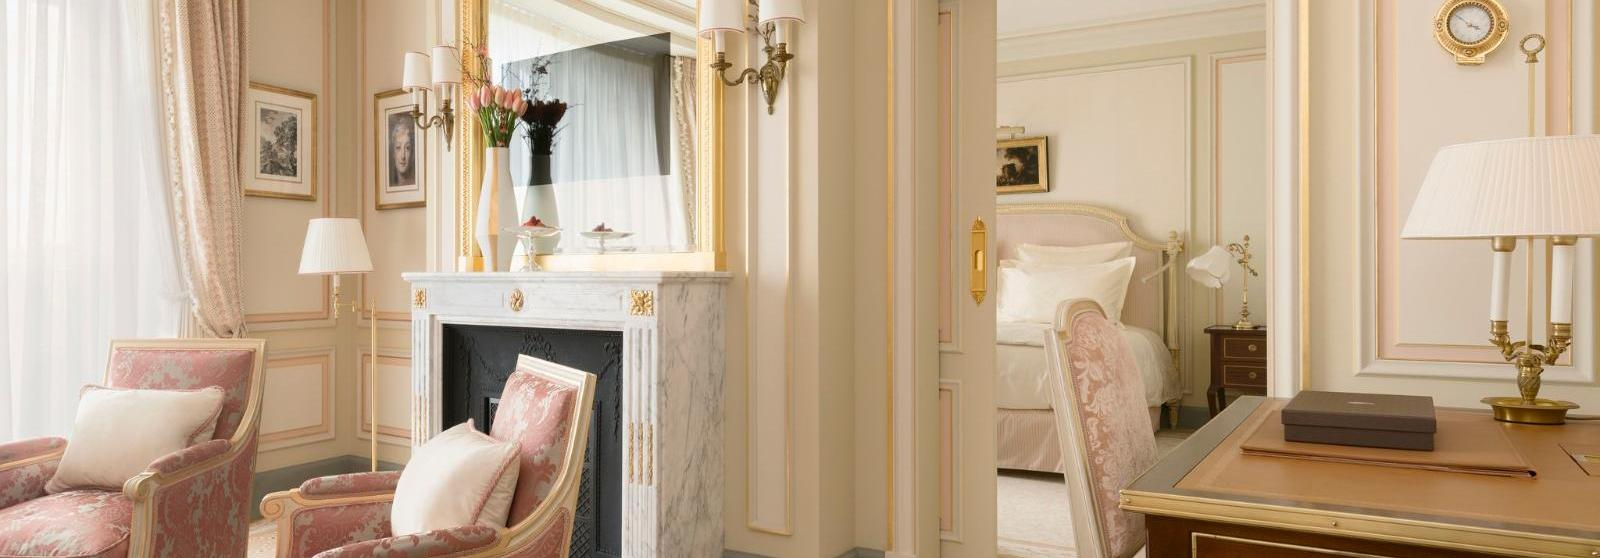 巴黎丽兹酒店(Ritz Paris) 行政套房图片  www.lhw.cn